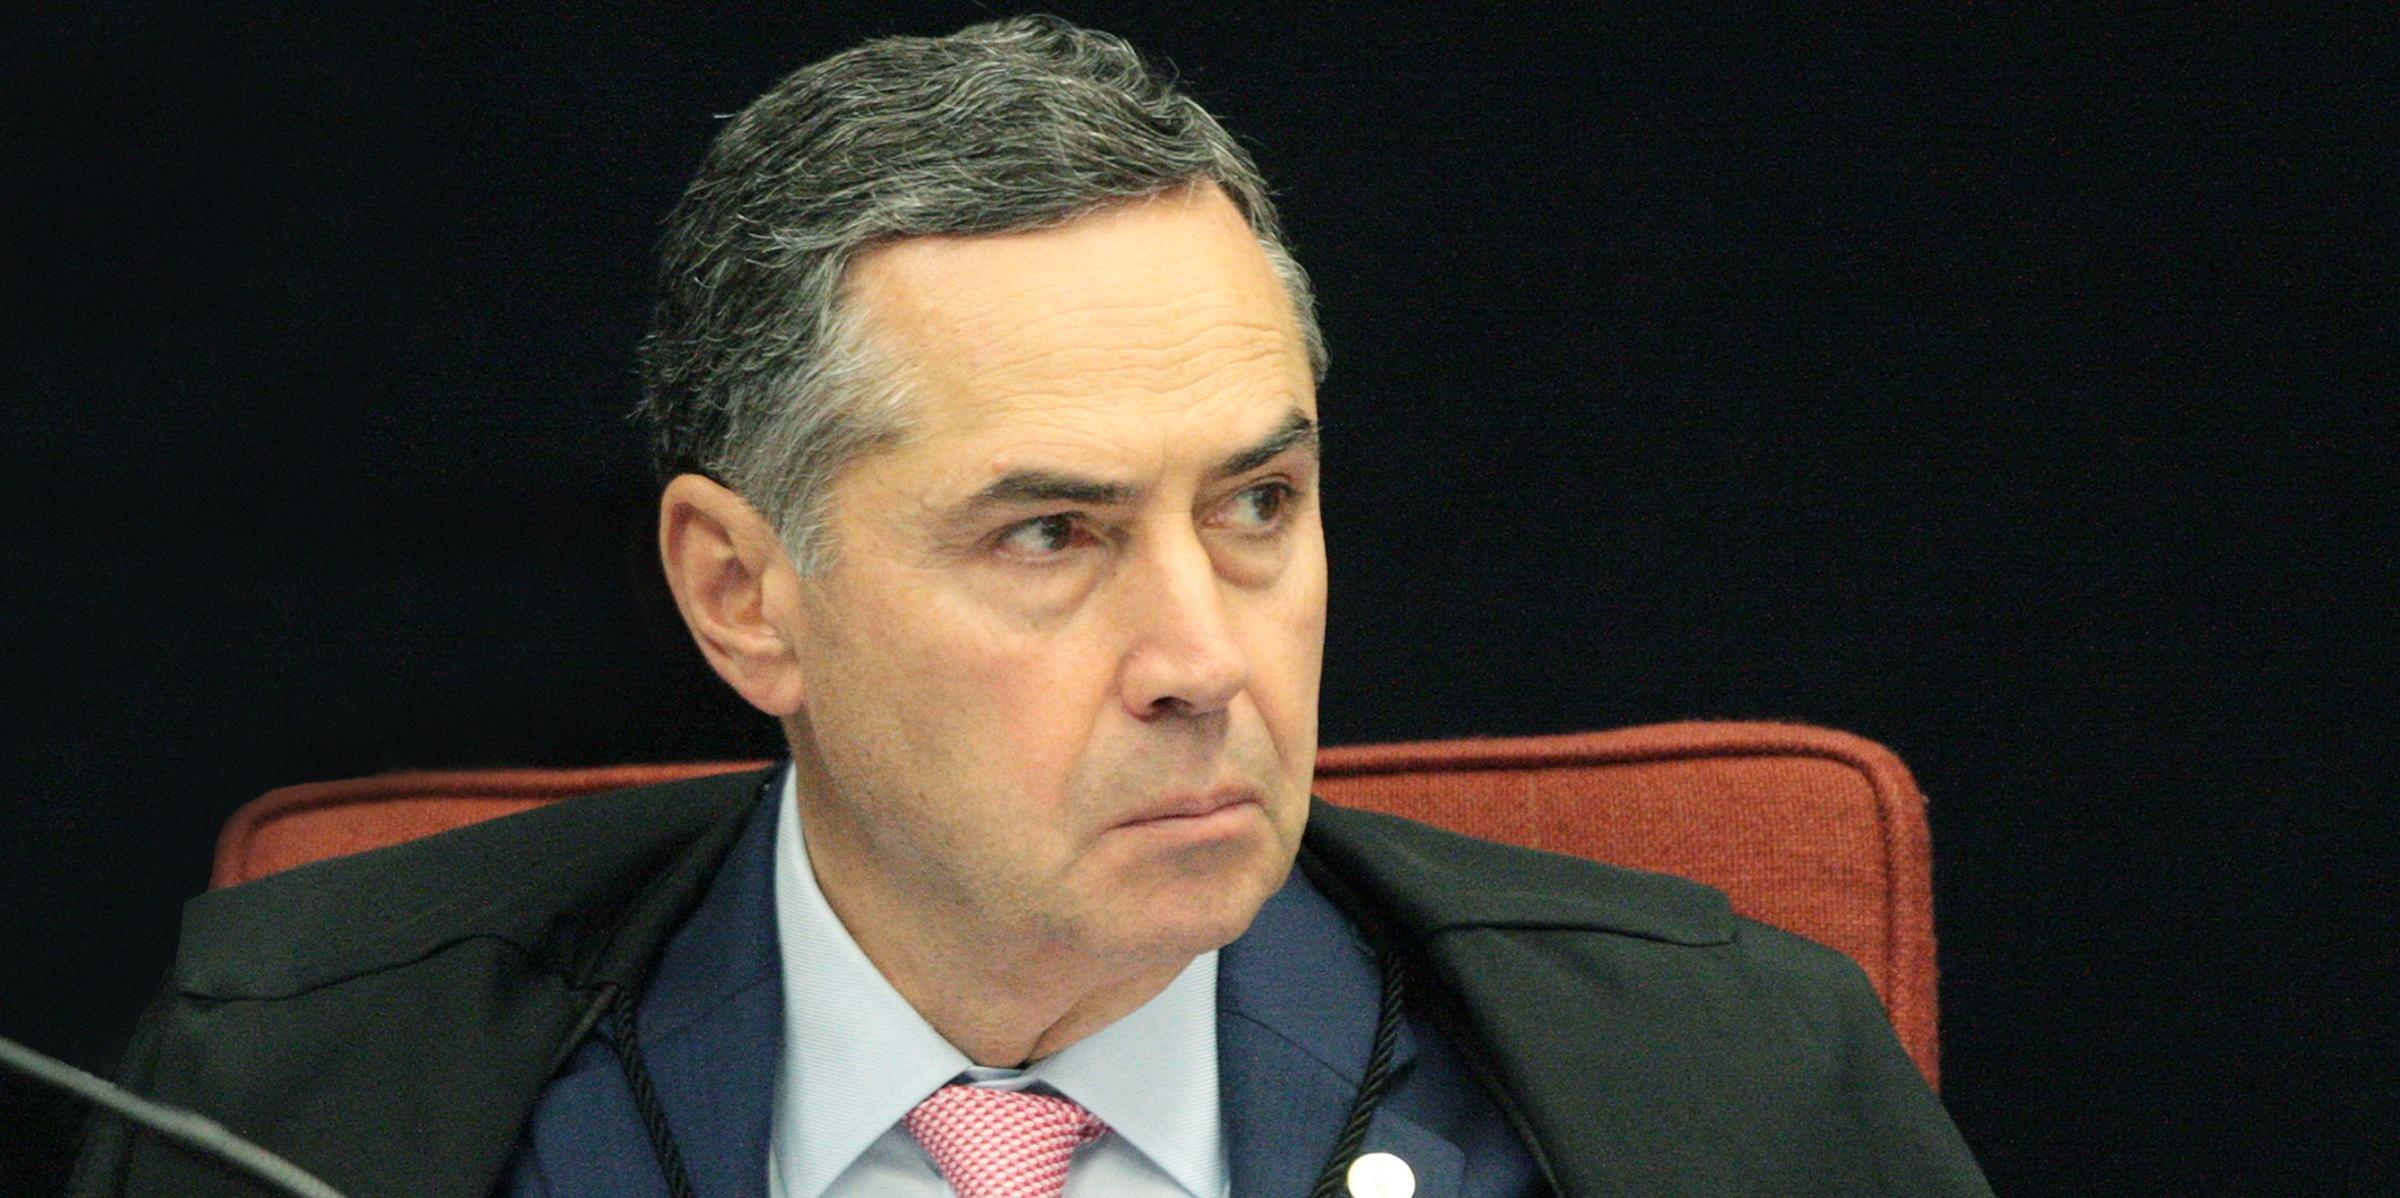 """Barroso alertou sobre risco de """"atraso institucional"""" em pronunciamento"""